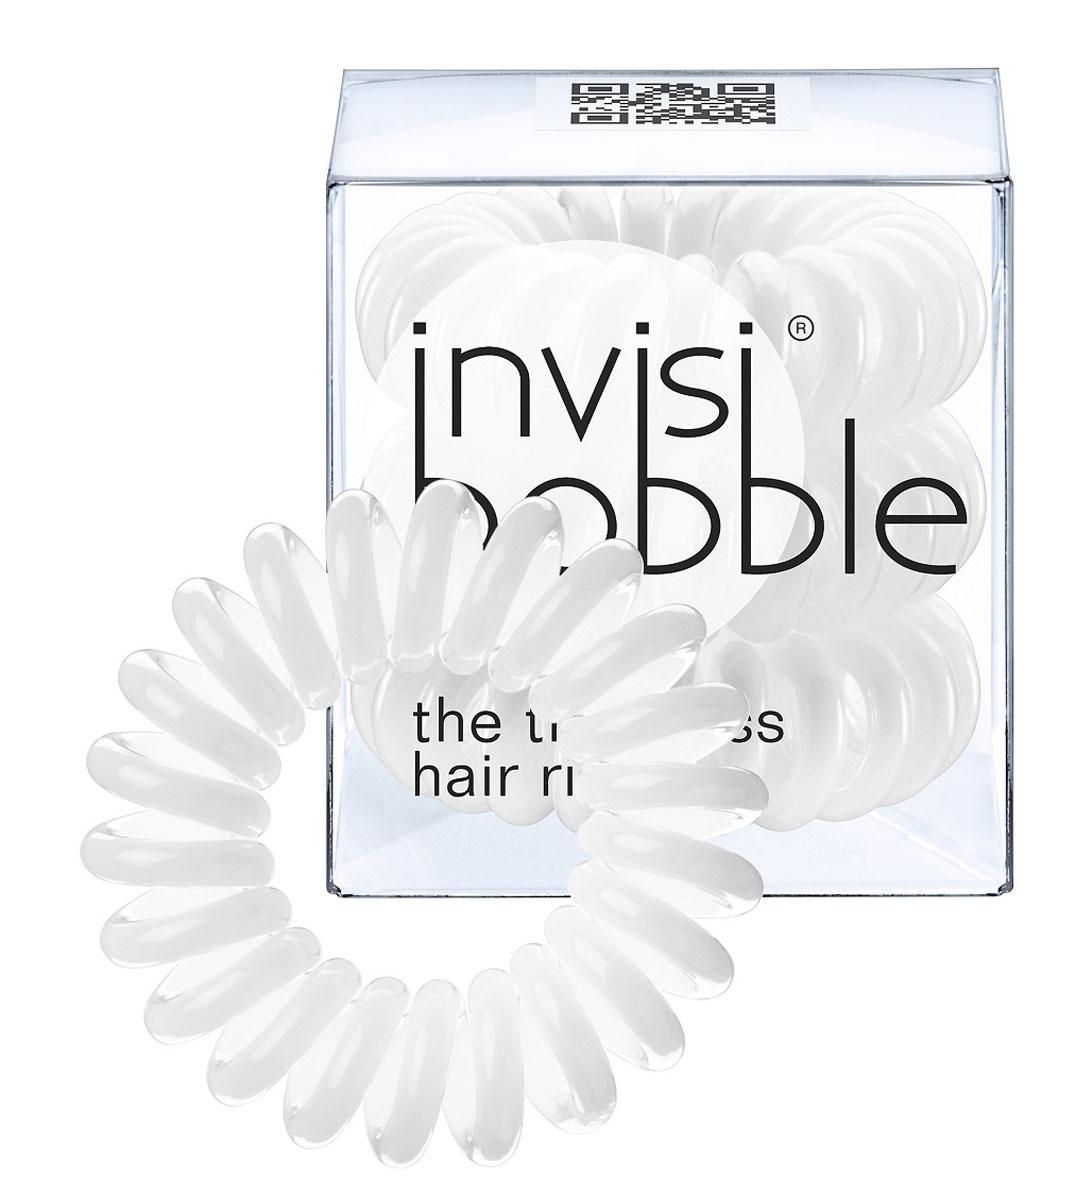 Invisibobble Резинка-браслет для волос Innocent White, 3 шт3002Столь необычная форма браслетов-резинок Invisibobble дает множество преимуществ. Резинка не оставляет заломов на волосах. При длительном ношении, например целый день, снимая резинку вы не почувствуете усталость волос. Оригинально смотрится на волосах. Отлично сохраняет свою форму и надежно фиксирует прическу. Не мокнет. Не травмируют волосы, в отличии от обычных резинок, нет трения, зажимов отдельных волосков или прядей. Подходят как для любого типа волос, так и не имеют ограничений по возрасту. Вам понравятся яркие цвета, а так же их можно использовать как стильные браслеты. Товар сертифицирован.